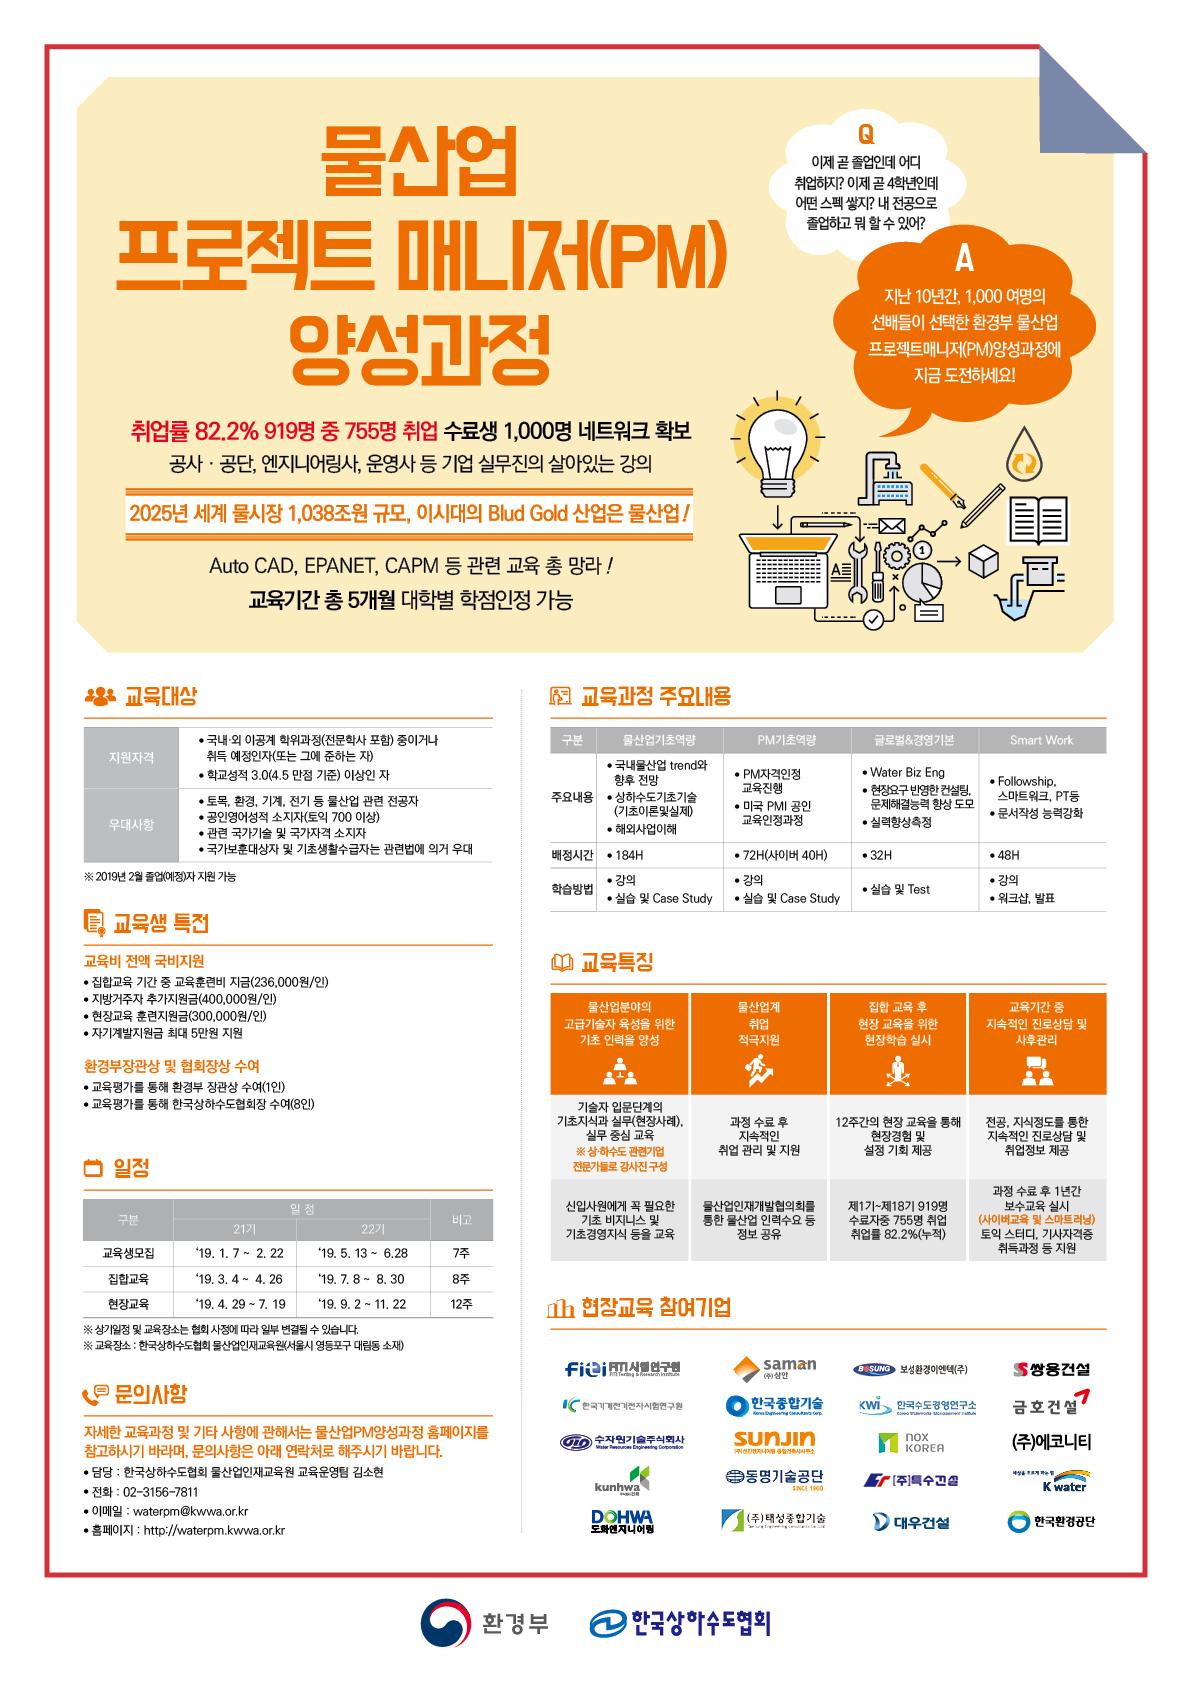 육물산업 프로젝트 매니지먼트 교육.png